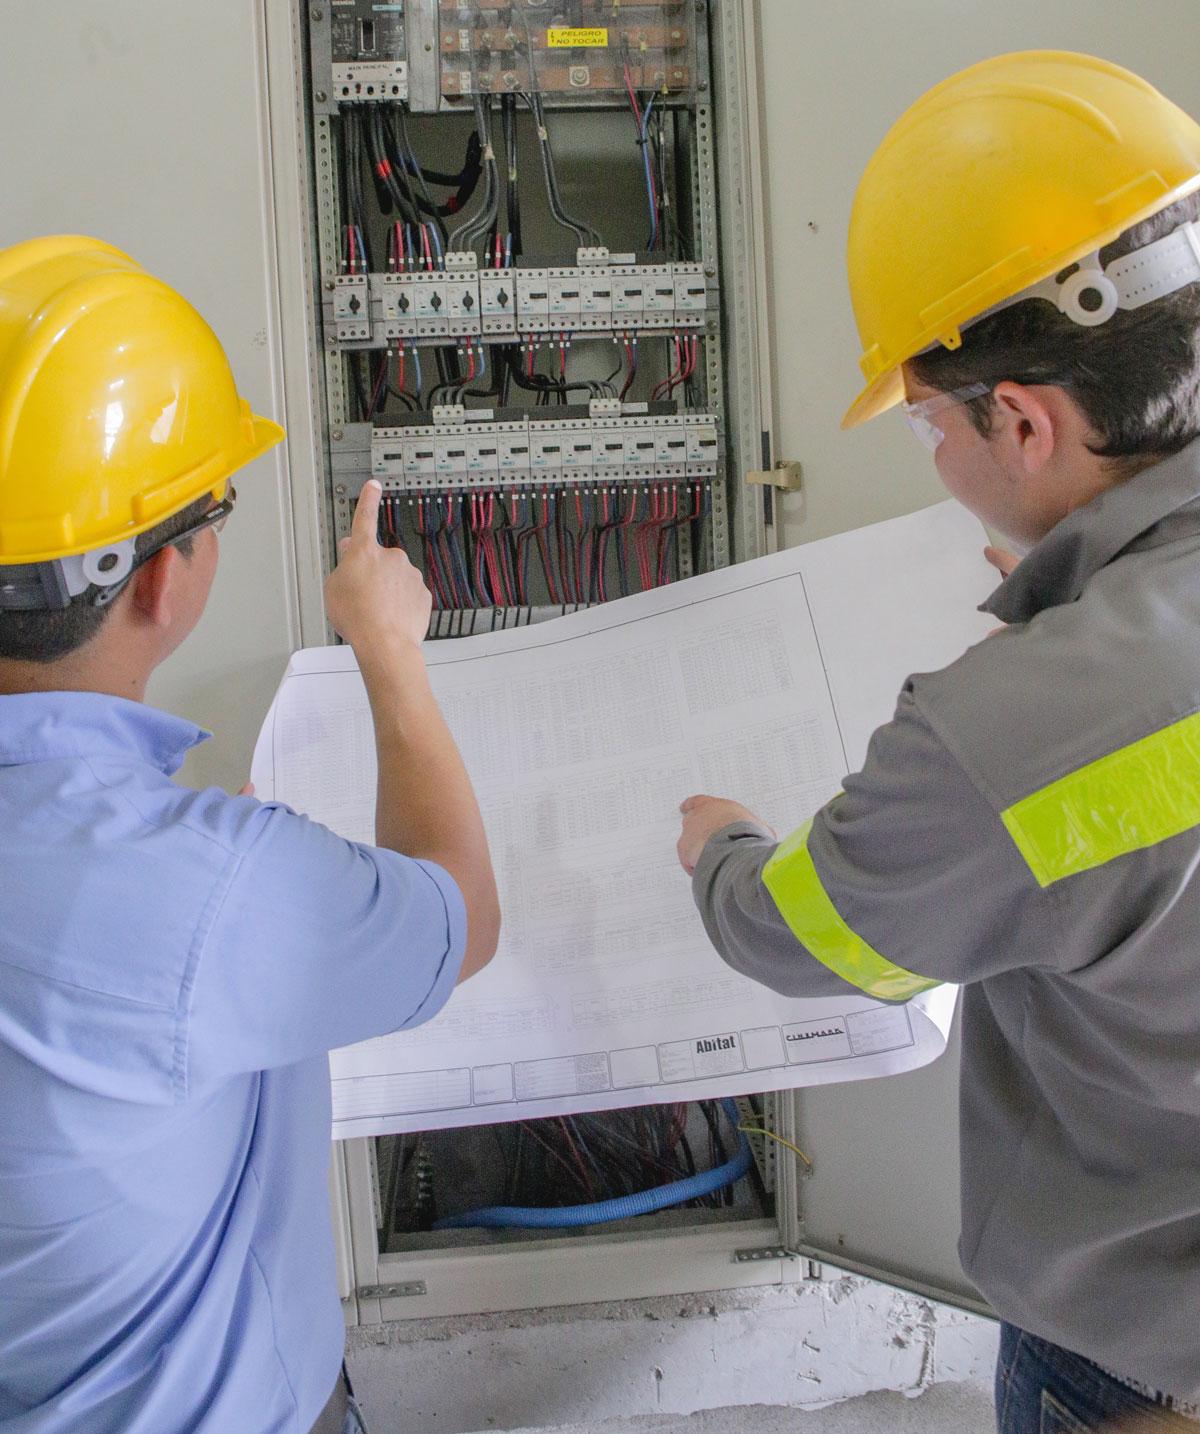 mantenimiento-preventivo-aires-acondicionados-servicio